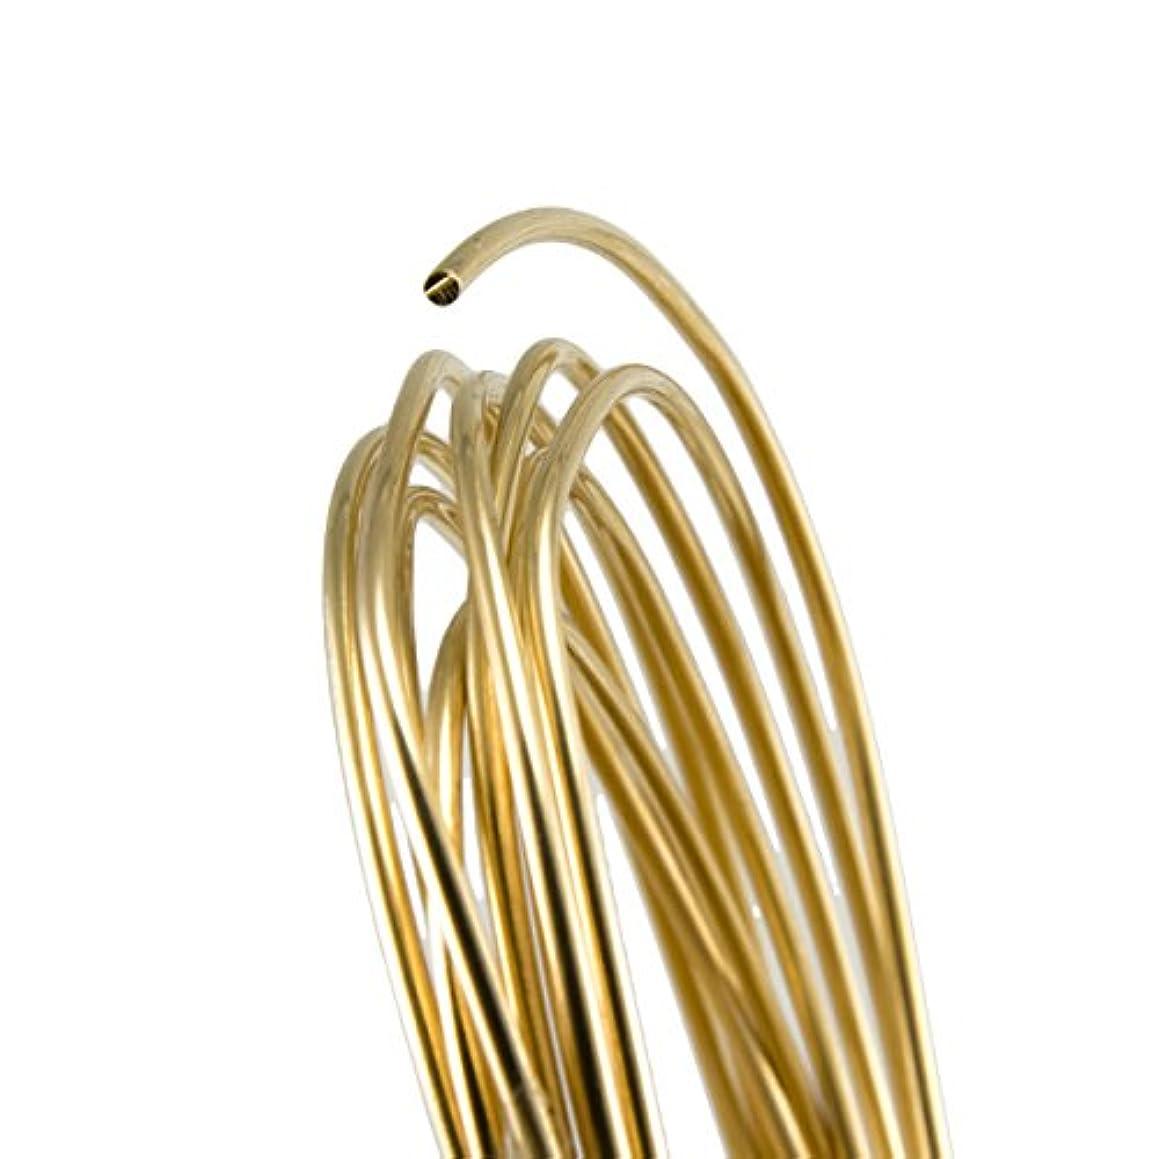 12 Gauge Round Dead Soft Yellow Brass Wire - 25FT r28504169880